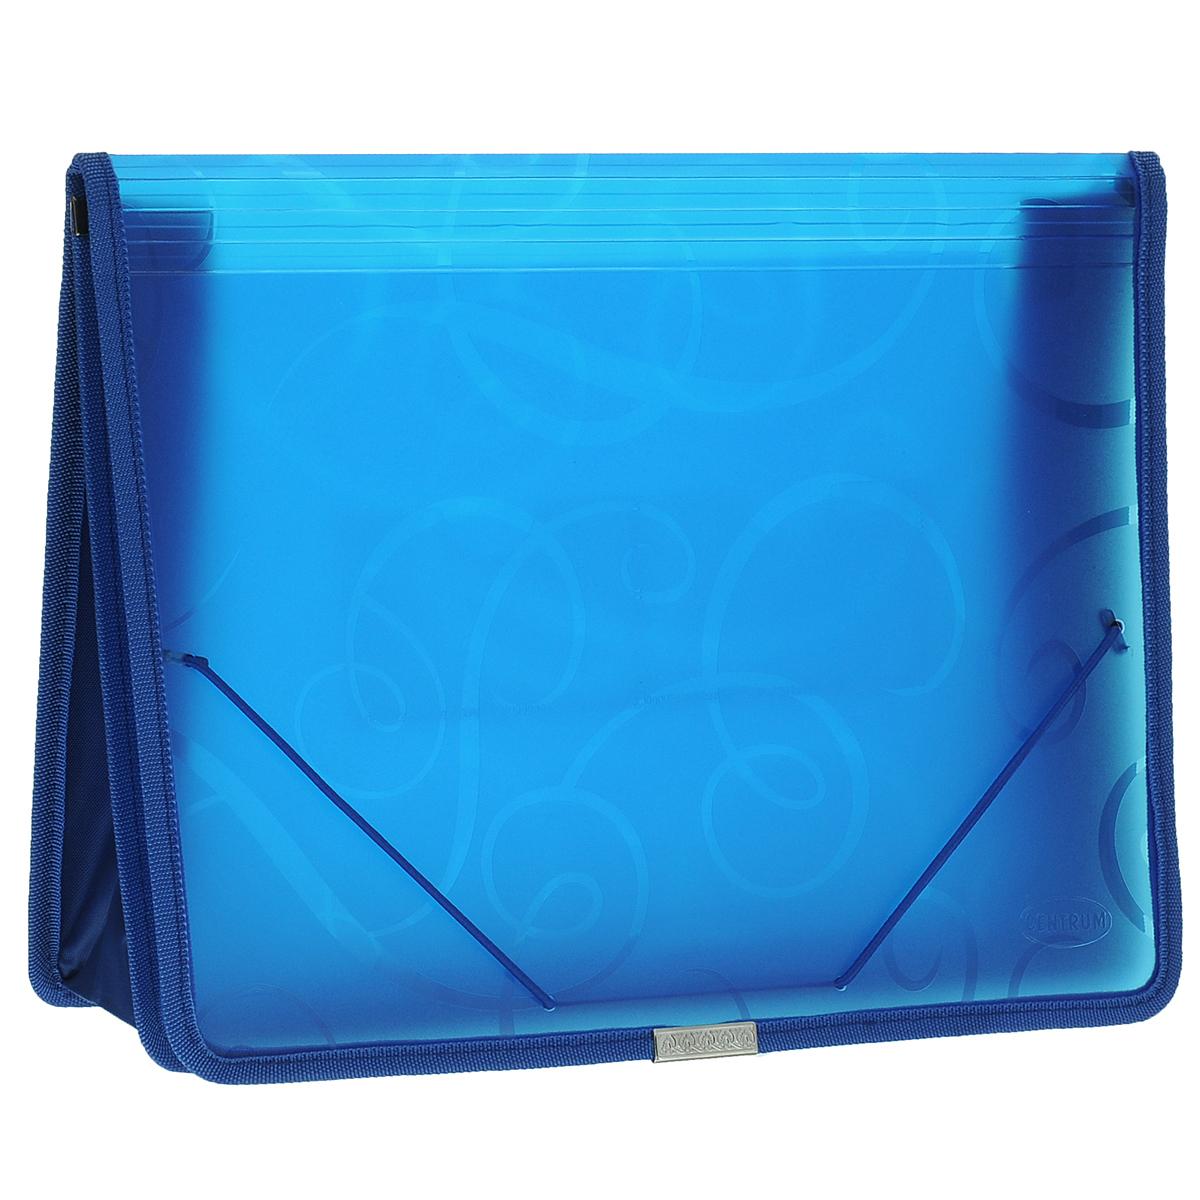 Папка-конверт на резинке Centrum, цвет: синий. Формат А4. 8080280802СПапка-конверт на резинке Centrum - это удобный и функциональный офисный инструмент, предназначенный для хранения итранспортировки рабочих бумаг и документов формата А4.Папка с двойной угловой фиксацией резиновой лентой изготовлена из износостойкого полупрозрачного полипропилена. Внутри папка имеет одно объемное отделение повышенной вместимости и 2 прозрачных открытых кармашка. Грани папки отделаны полиэстером, что обеспечивает дополнительную прочность и опрятный вид папки. Клапан украшен декоративным металлическим элементом. Папка оформлена тиснением в виде абстрактного орнамента.Папка - это незаменимый атрибут для студента, школьника, офисного работника. Такая папка надежно сохранит ваши документы исбережет их от повреждений, пыли и влаги.